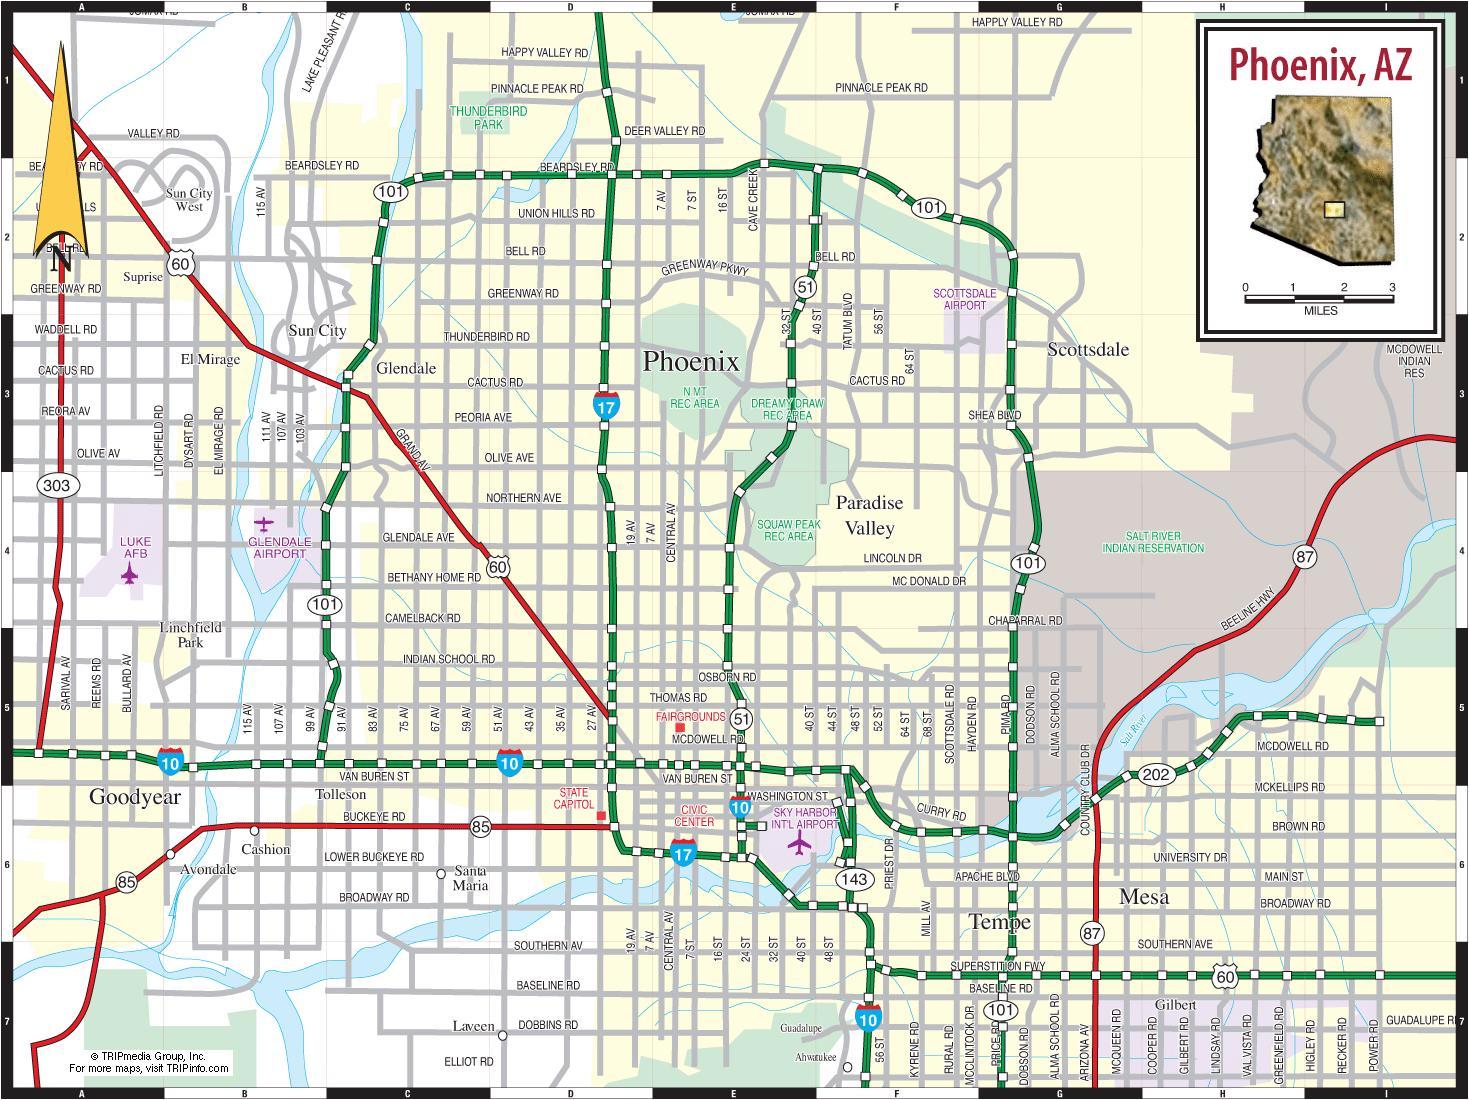 Map Of Phoenix Az Phoenix Az Map Arizona USA - Az map